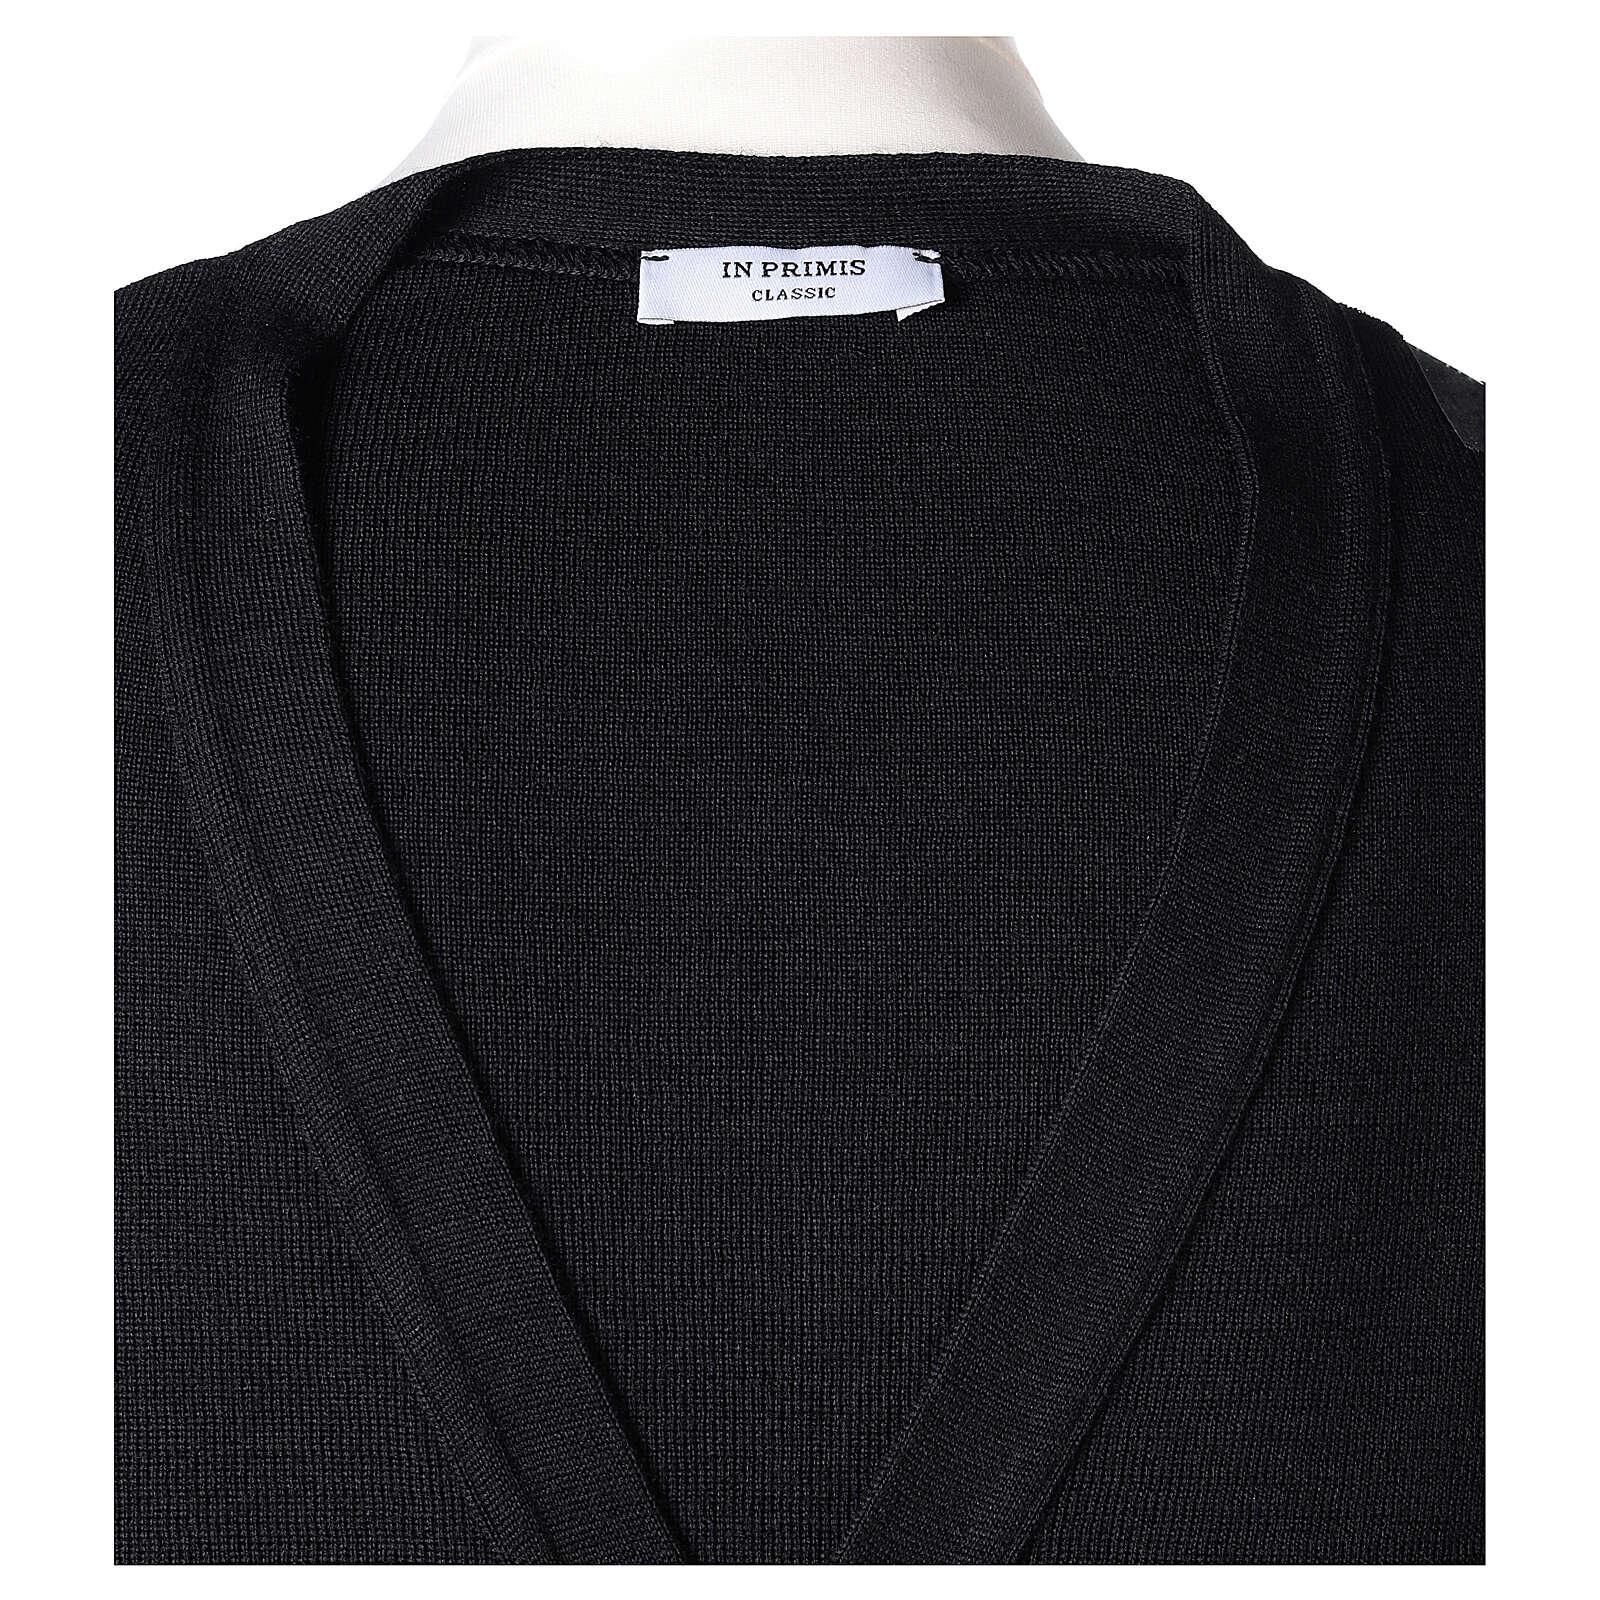 Chaqueta sacerdote negra bolsillos y botones 50% lana merina 50% acrílico In Primis 4